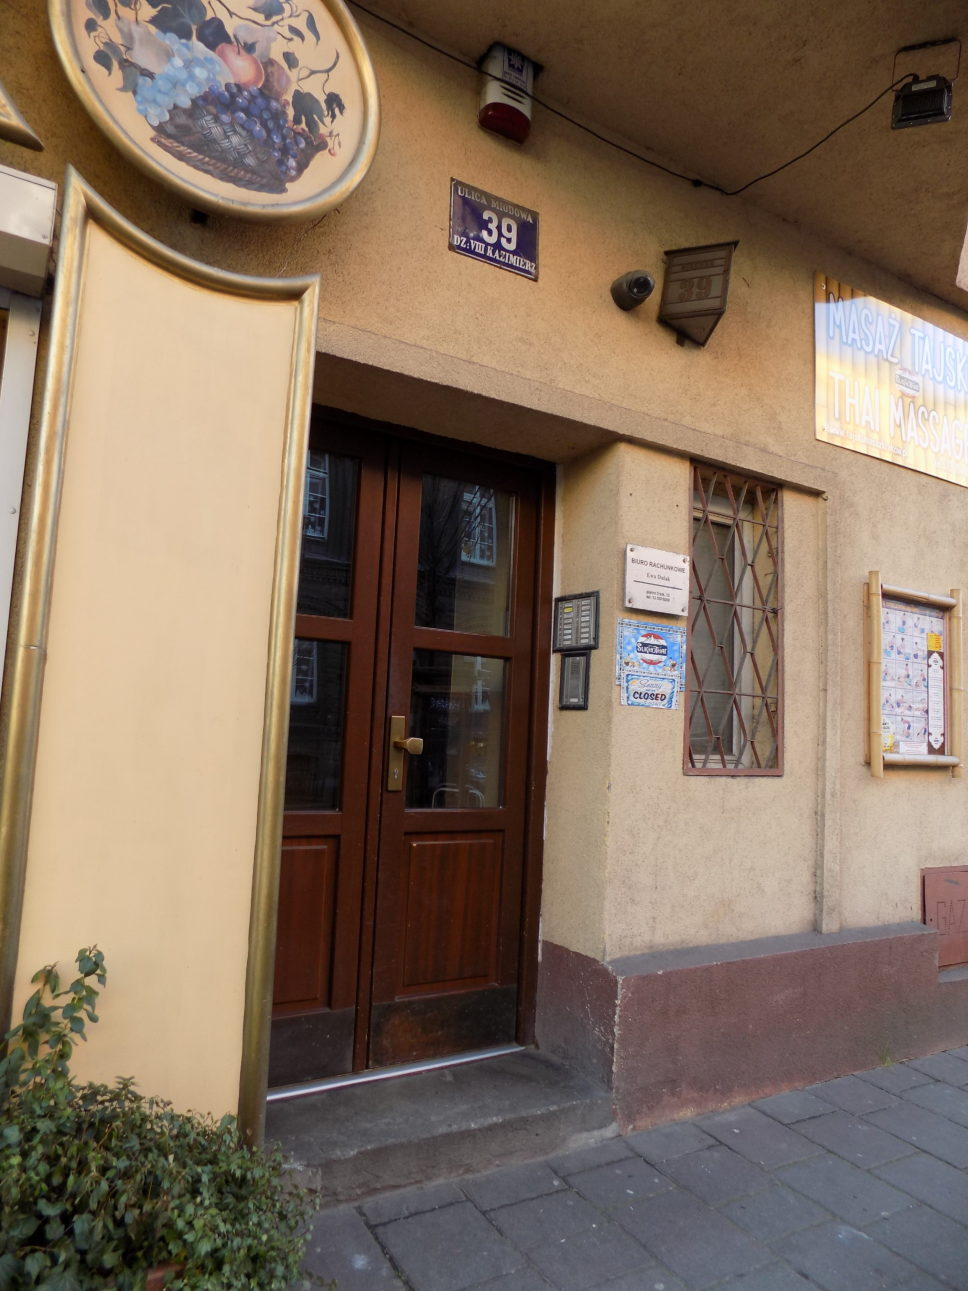 Kamienica ul. Miodowa 39, Kraków - monitoring